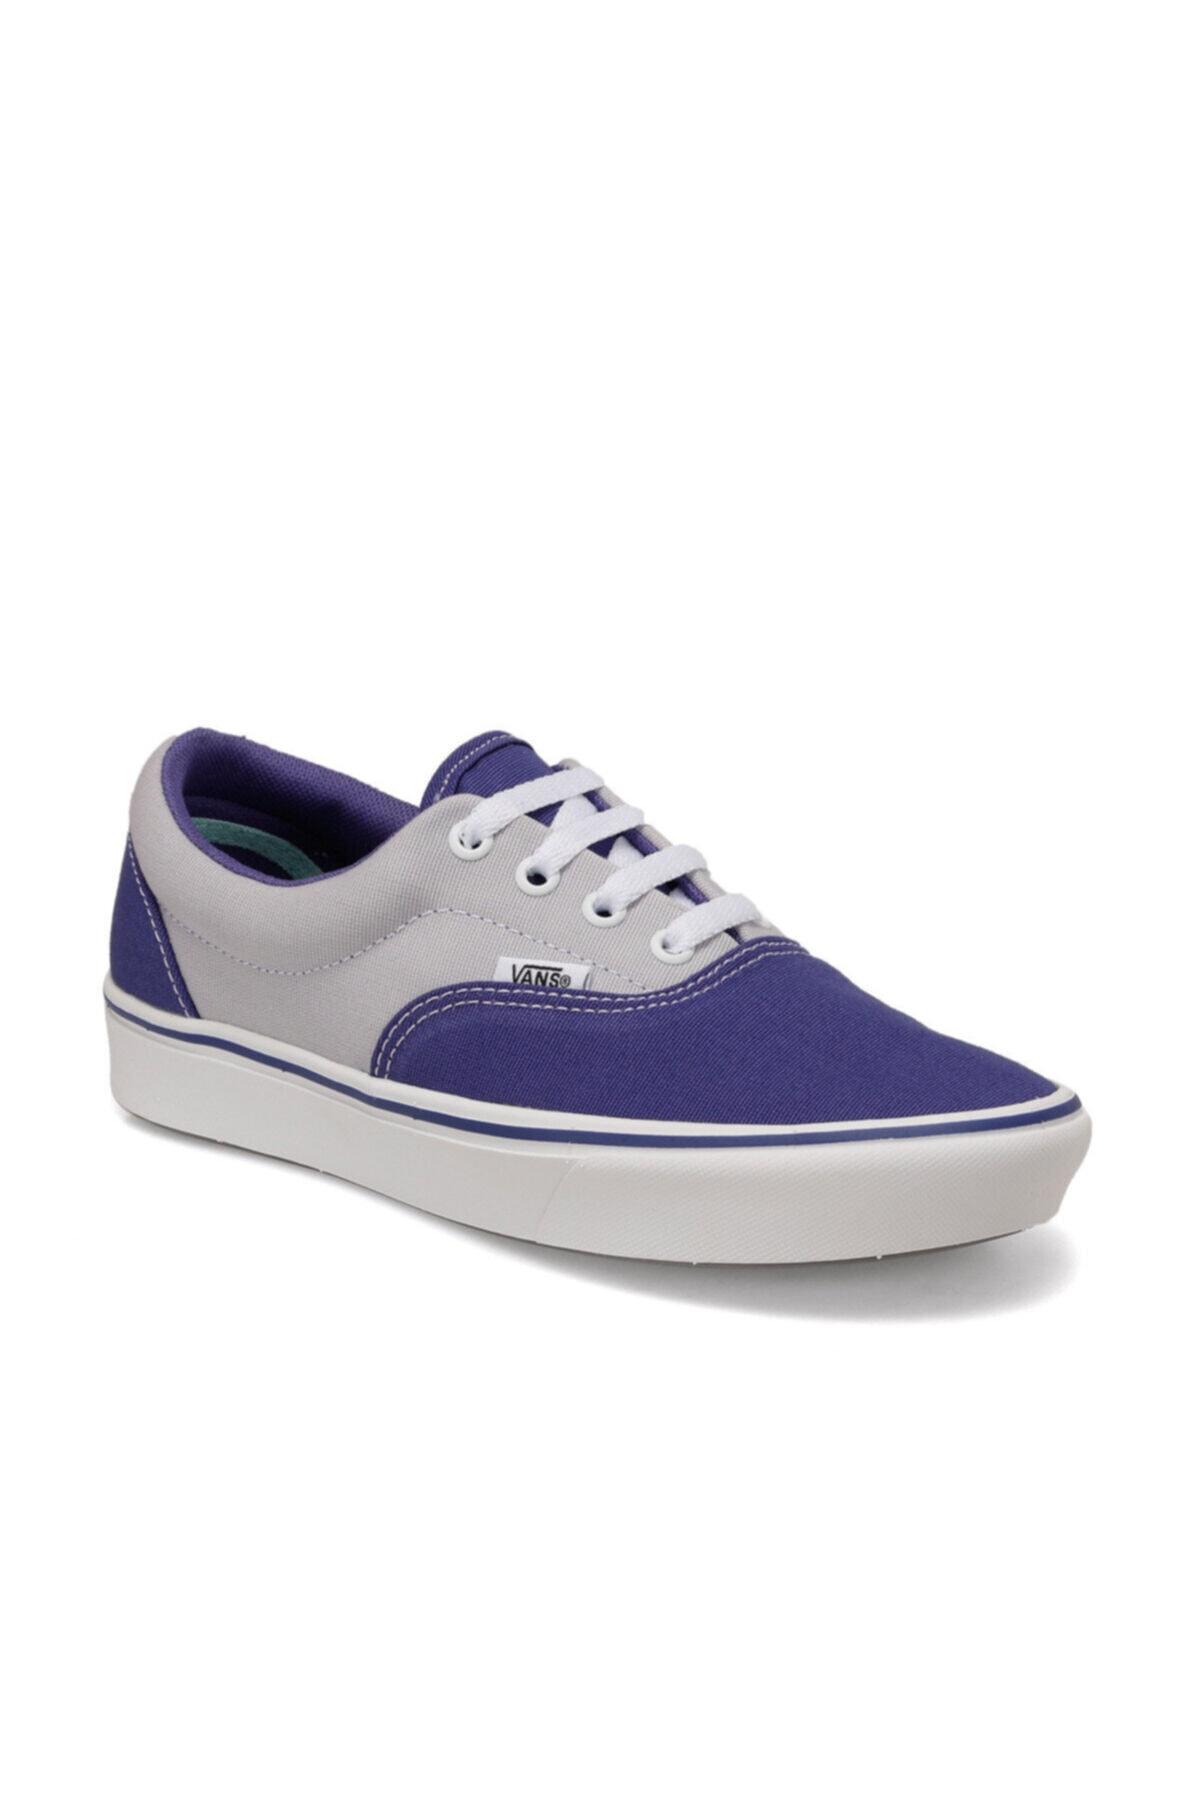 Vans UA COMFYCUSH ERA Mavi Erkek Kalın Tabanlı Sneaker 100583460 1